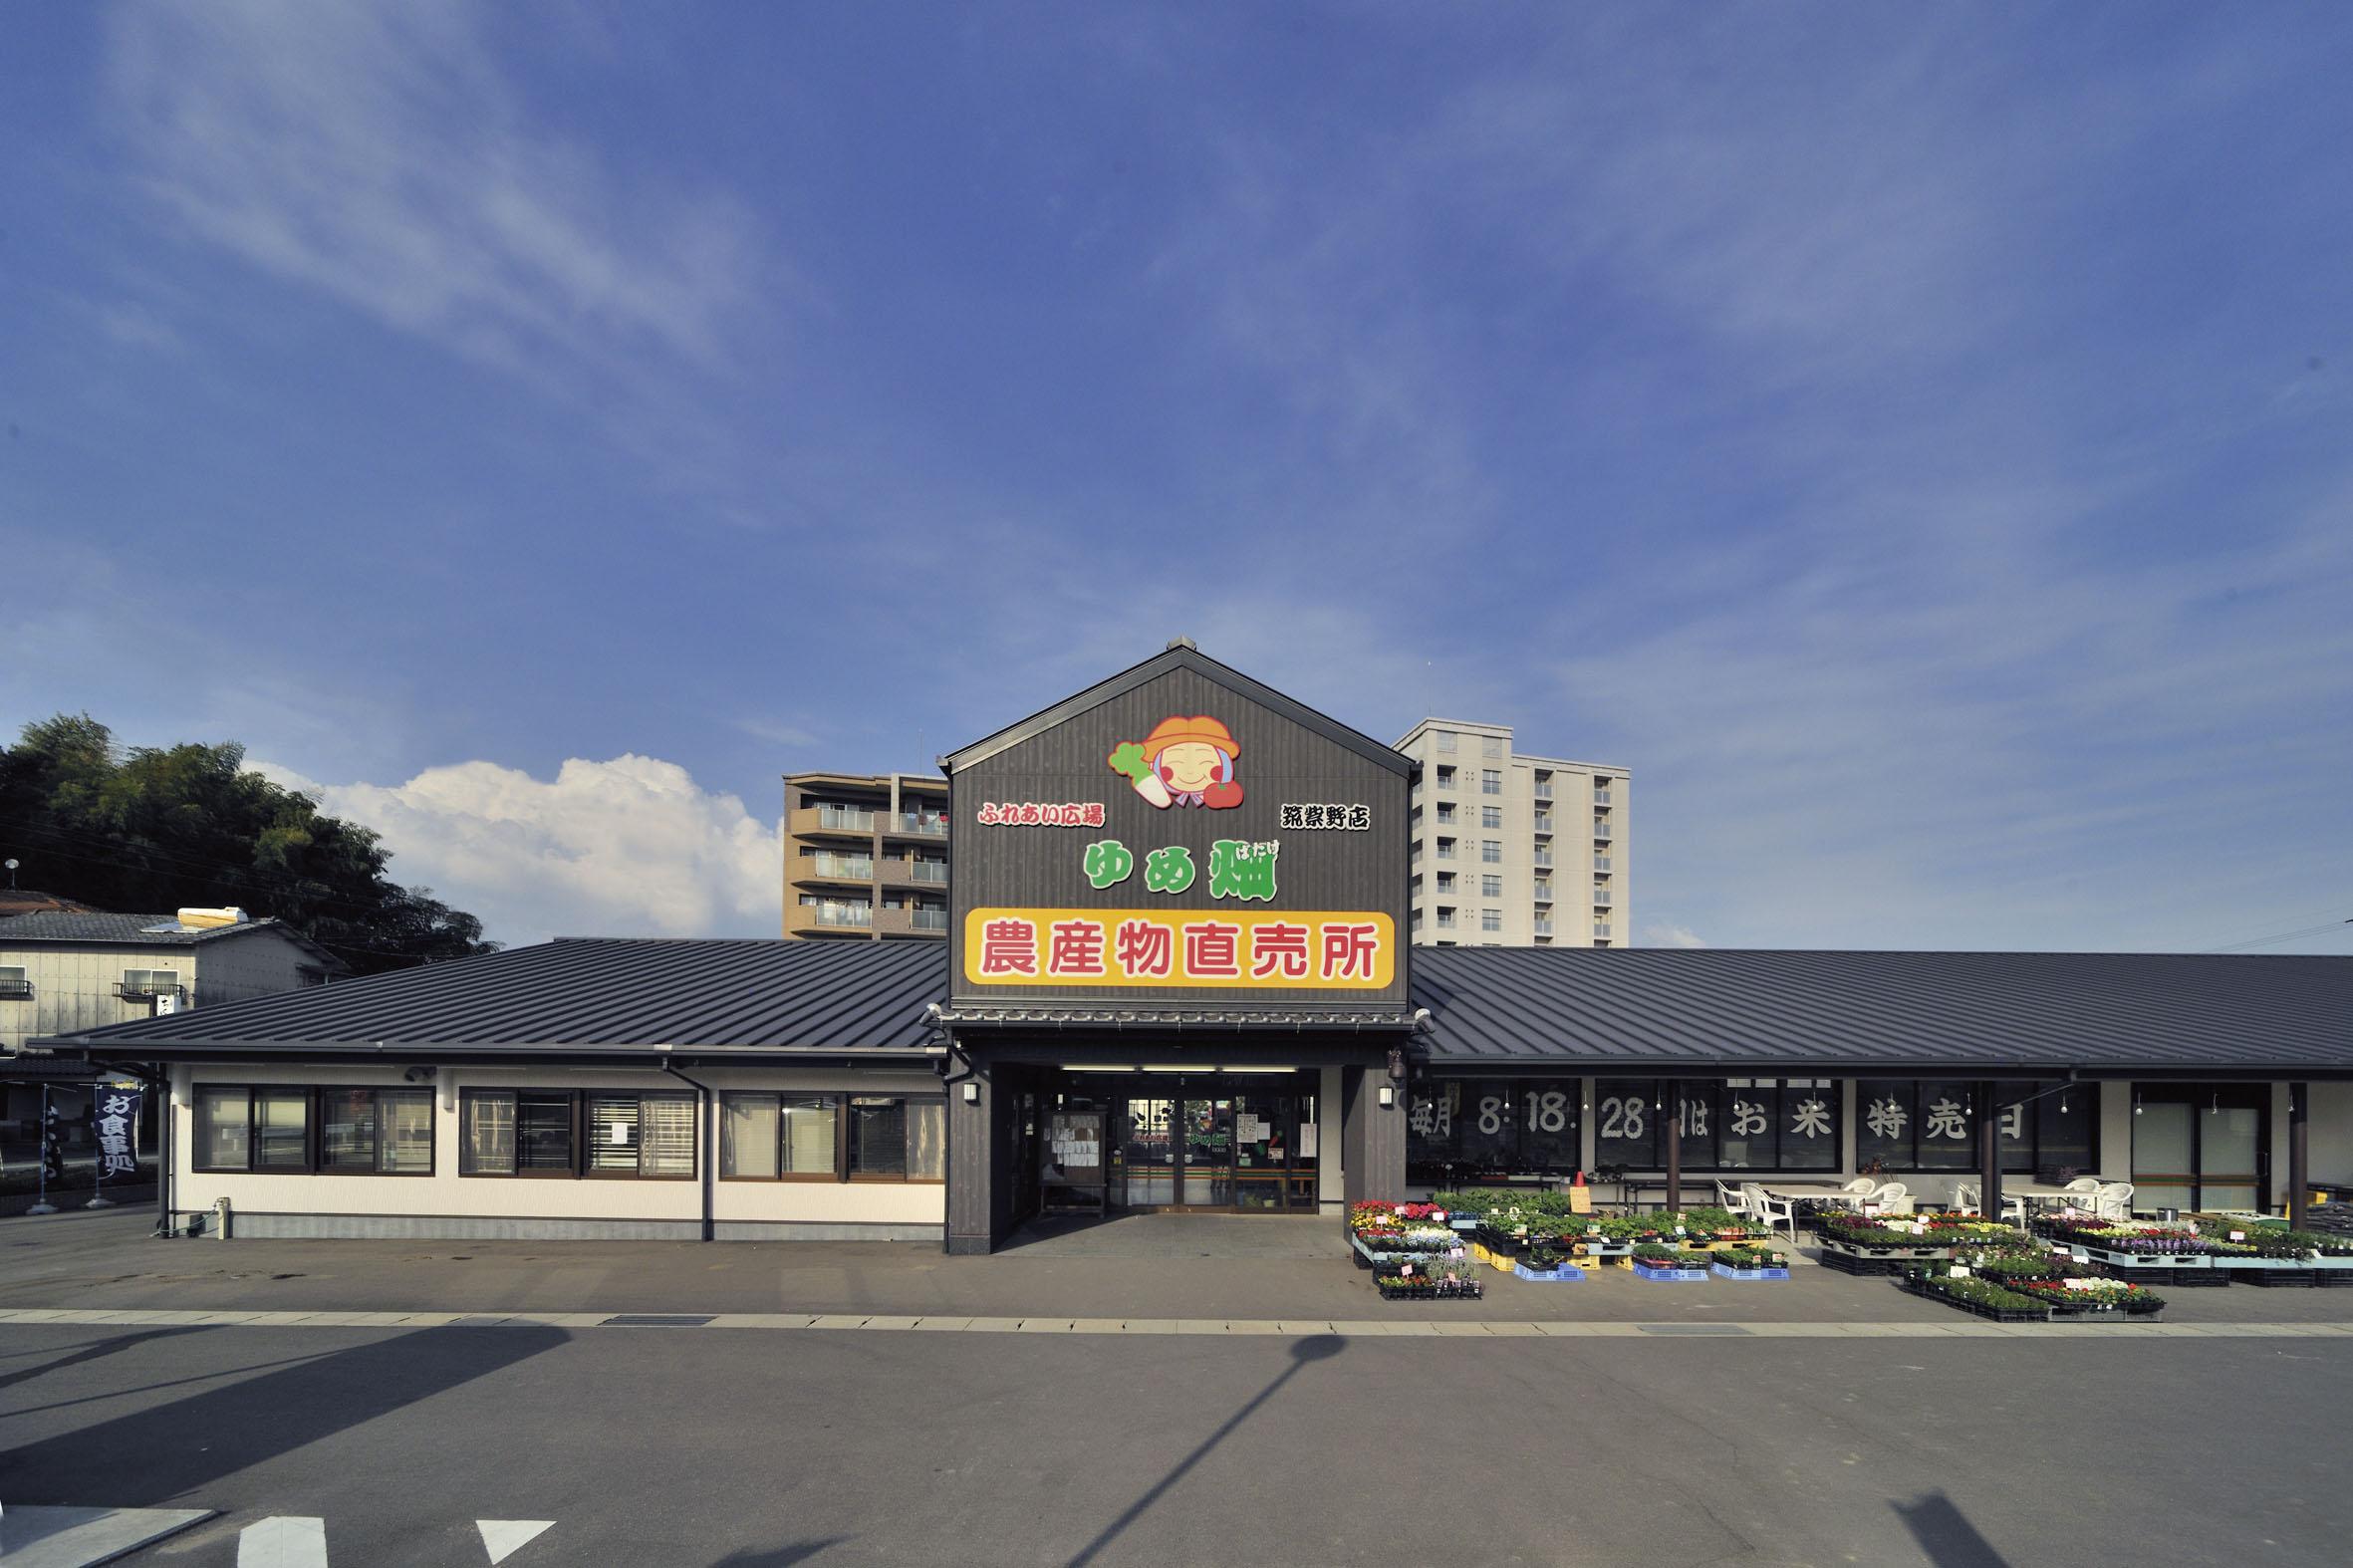 ゆめ畑 筑紫野店の写真